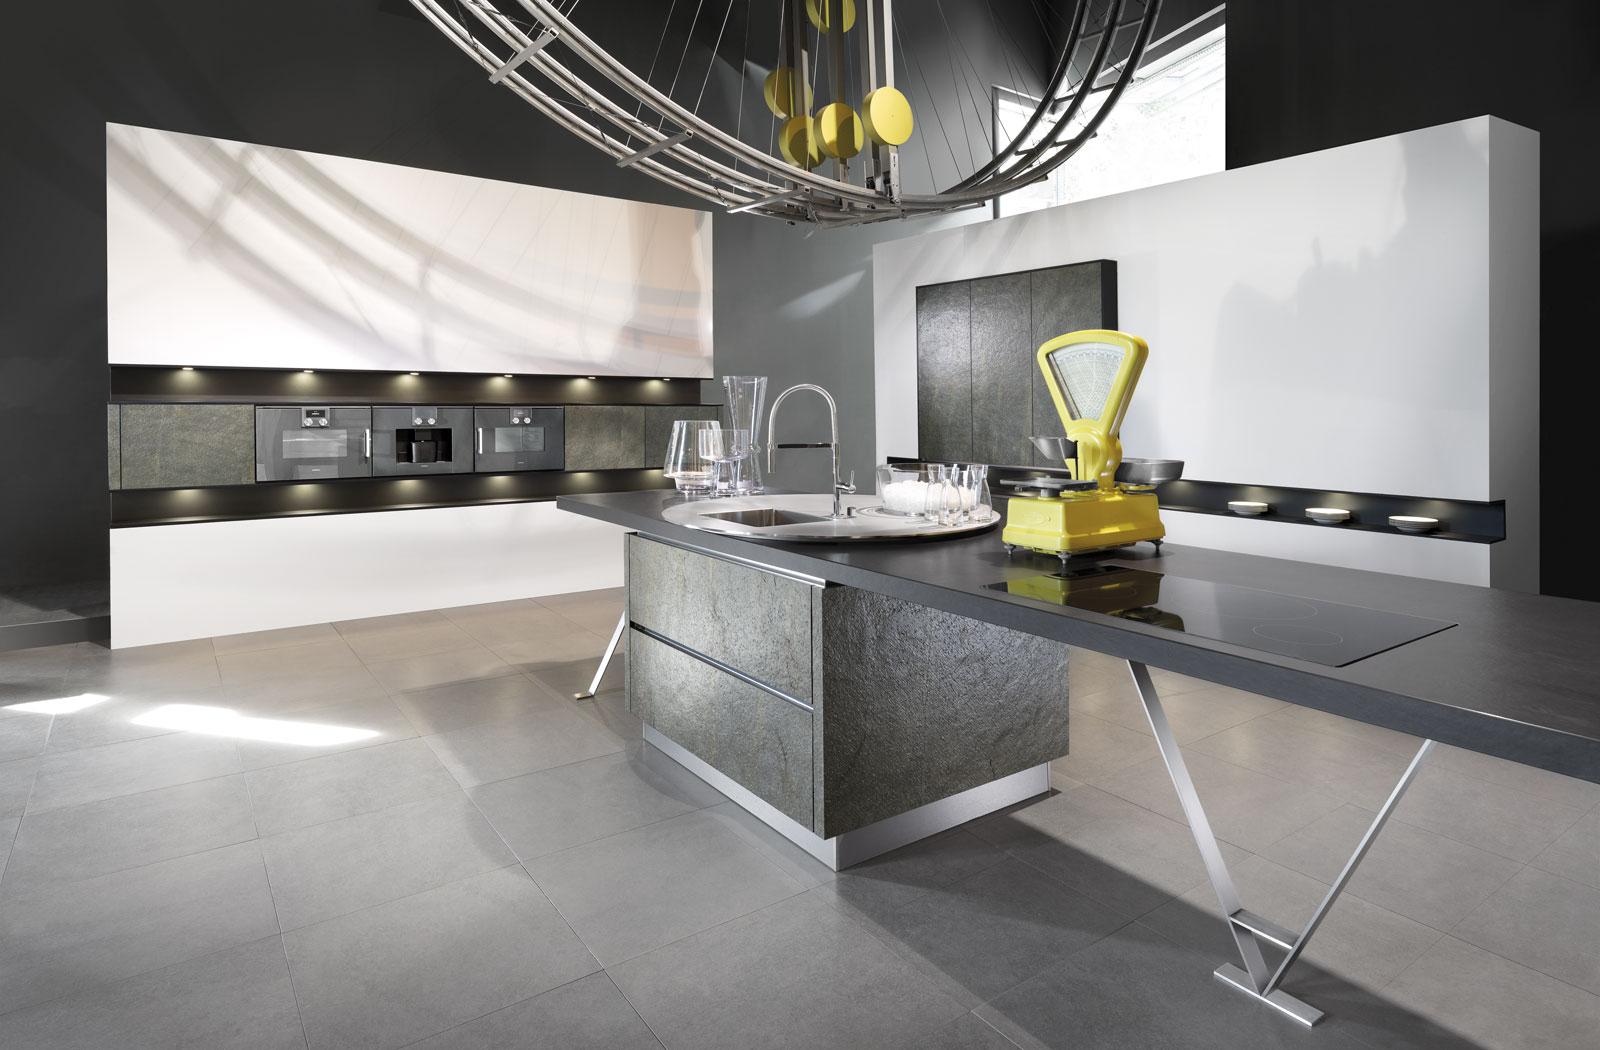 Küchen Karlsruhe grimm küchen karlsruhe